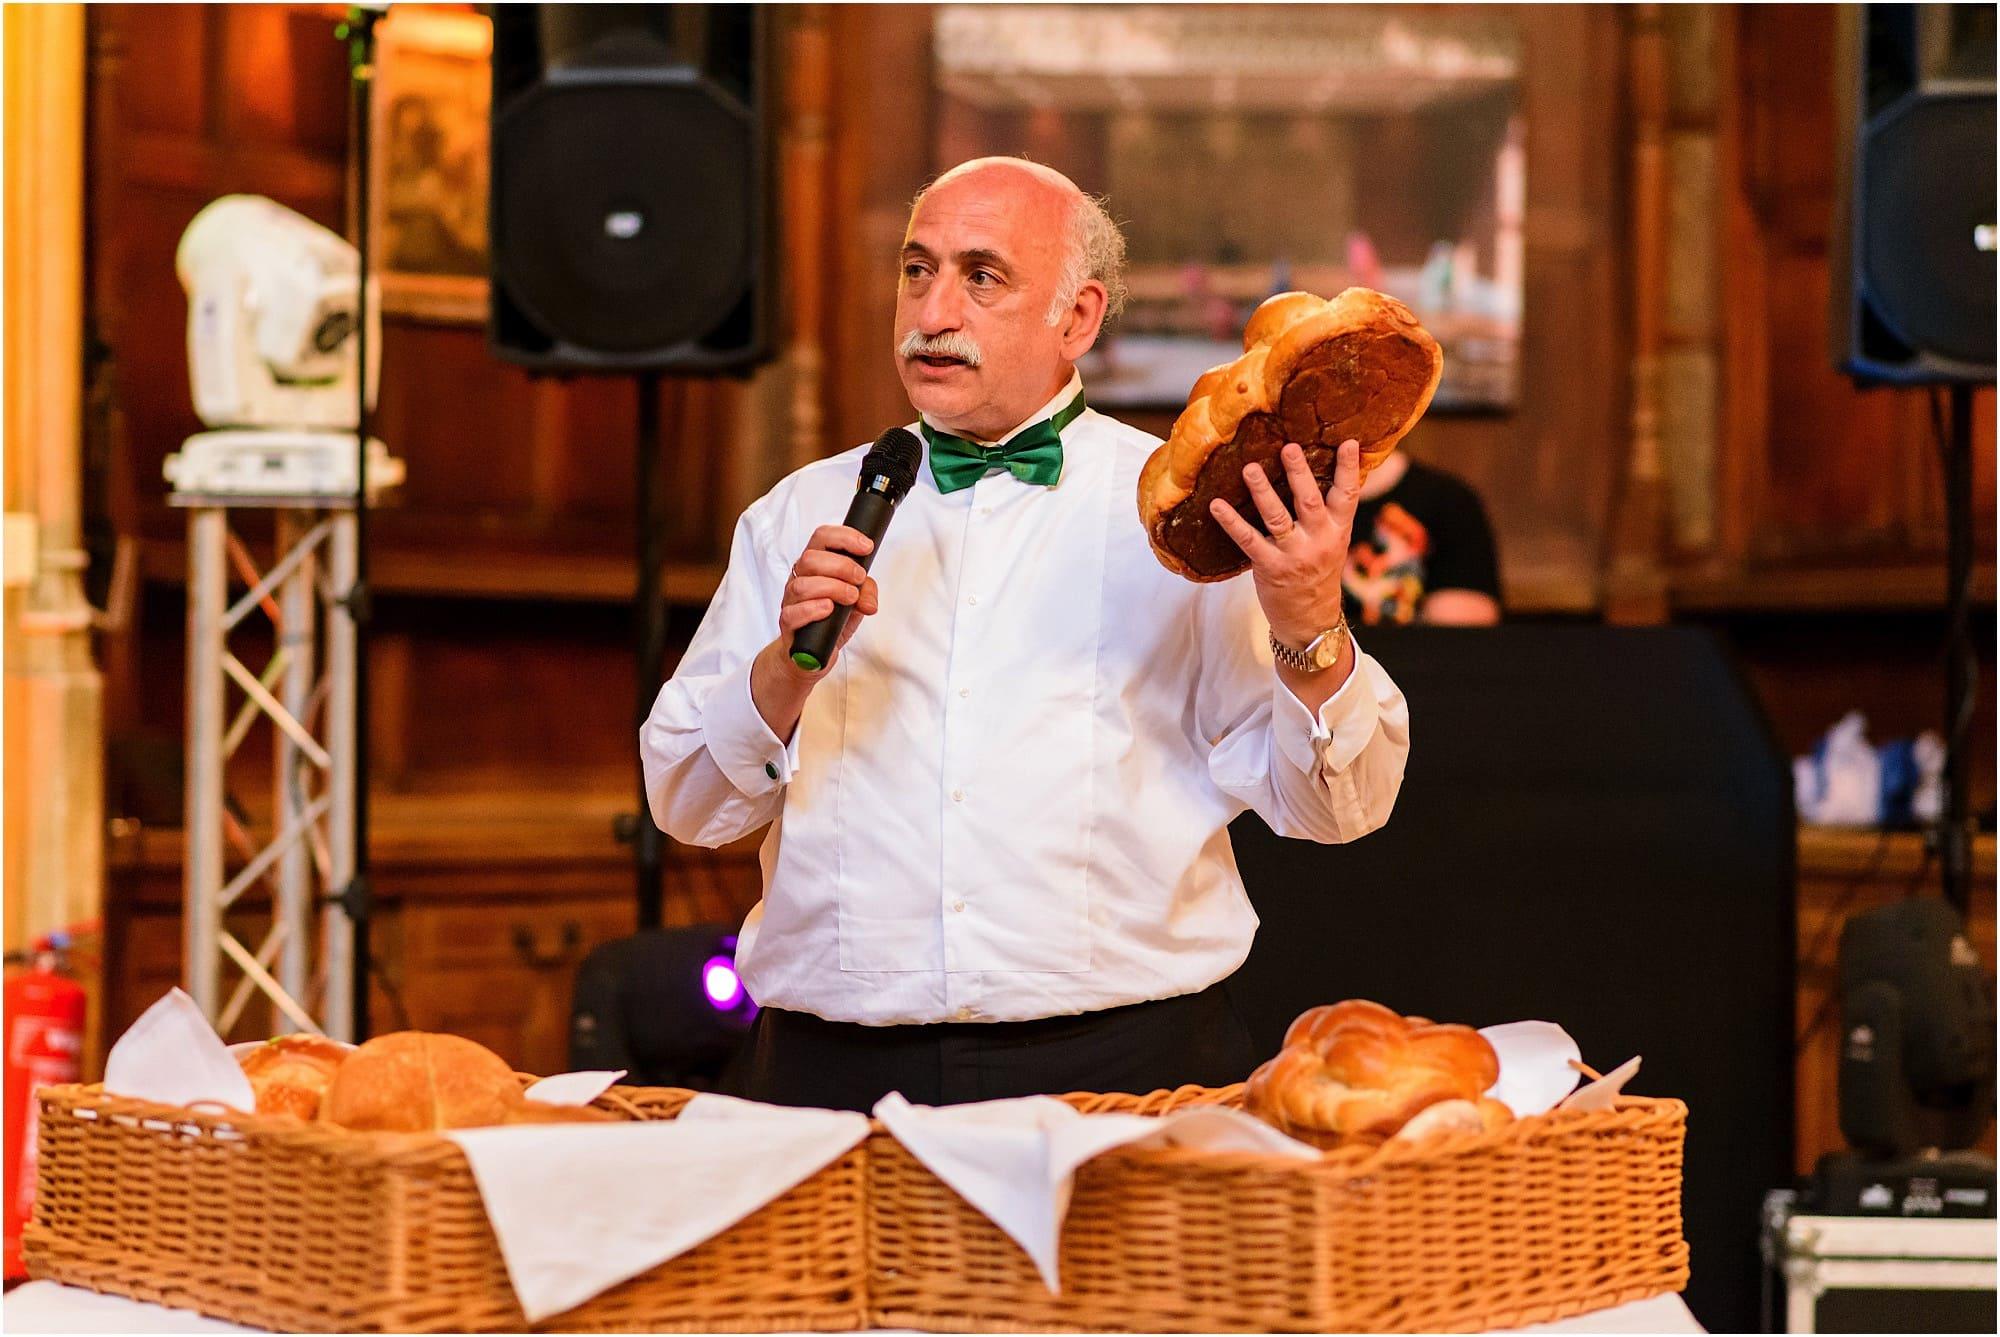 breaking the bread